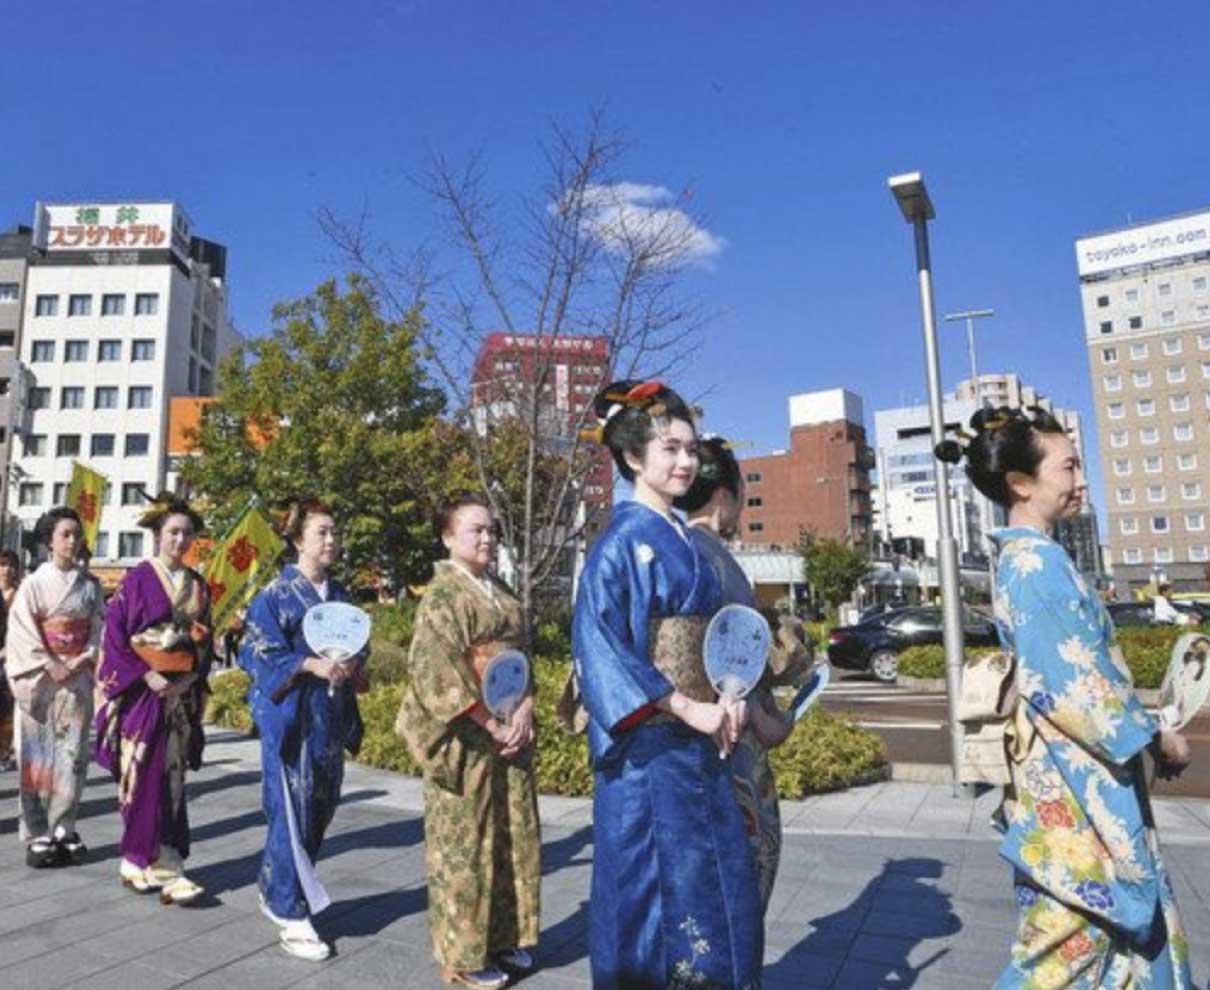 江戸絵巻、福井を練り歩き 県美容業組合が初開催